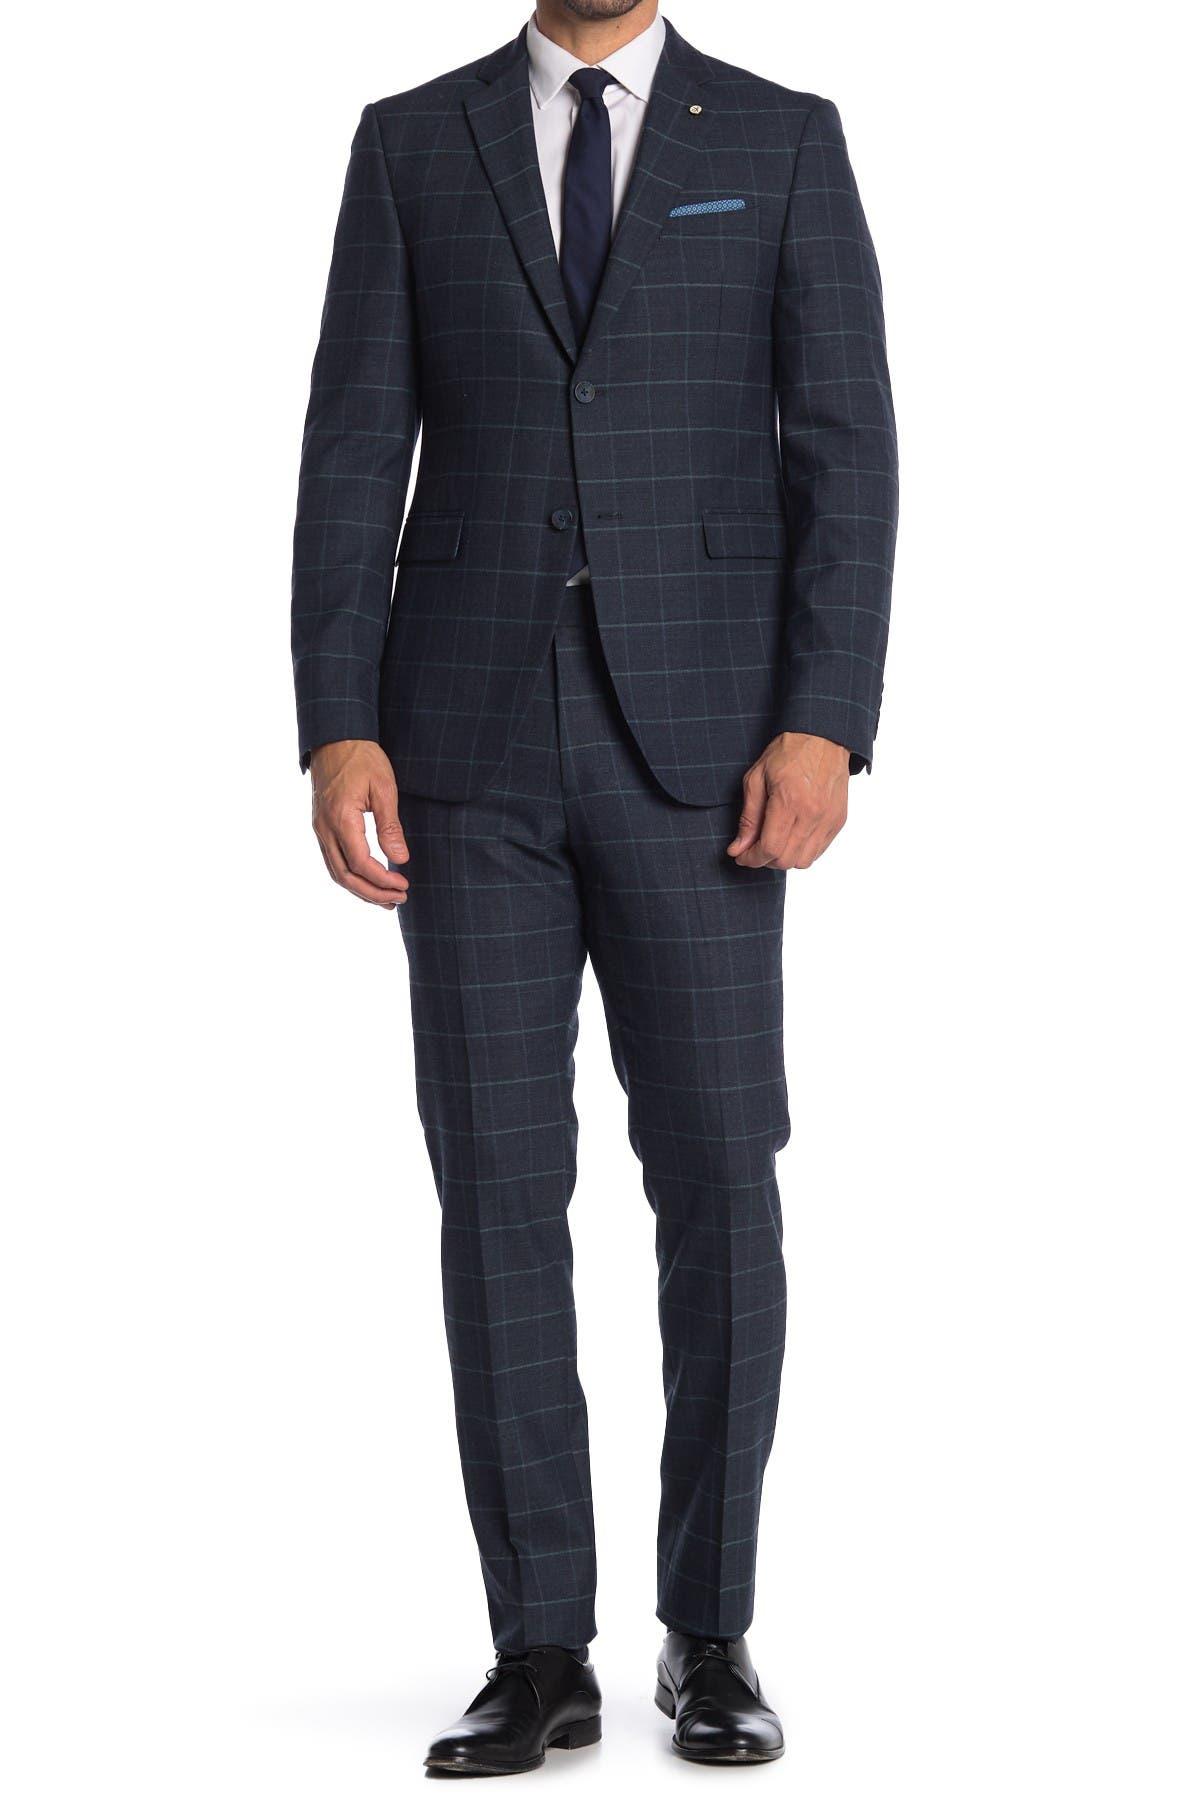 Image of Original Penguin Bright Blue Plaid Two Button Notch Lapel Wool Blend Suit